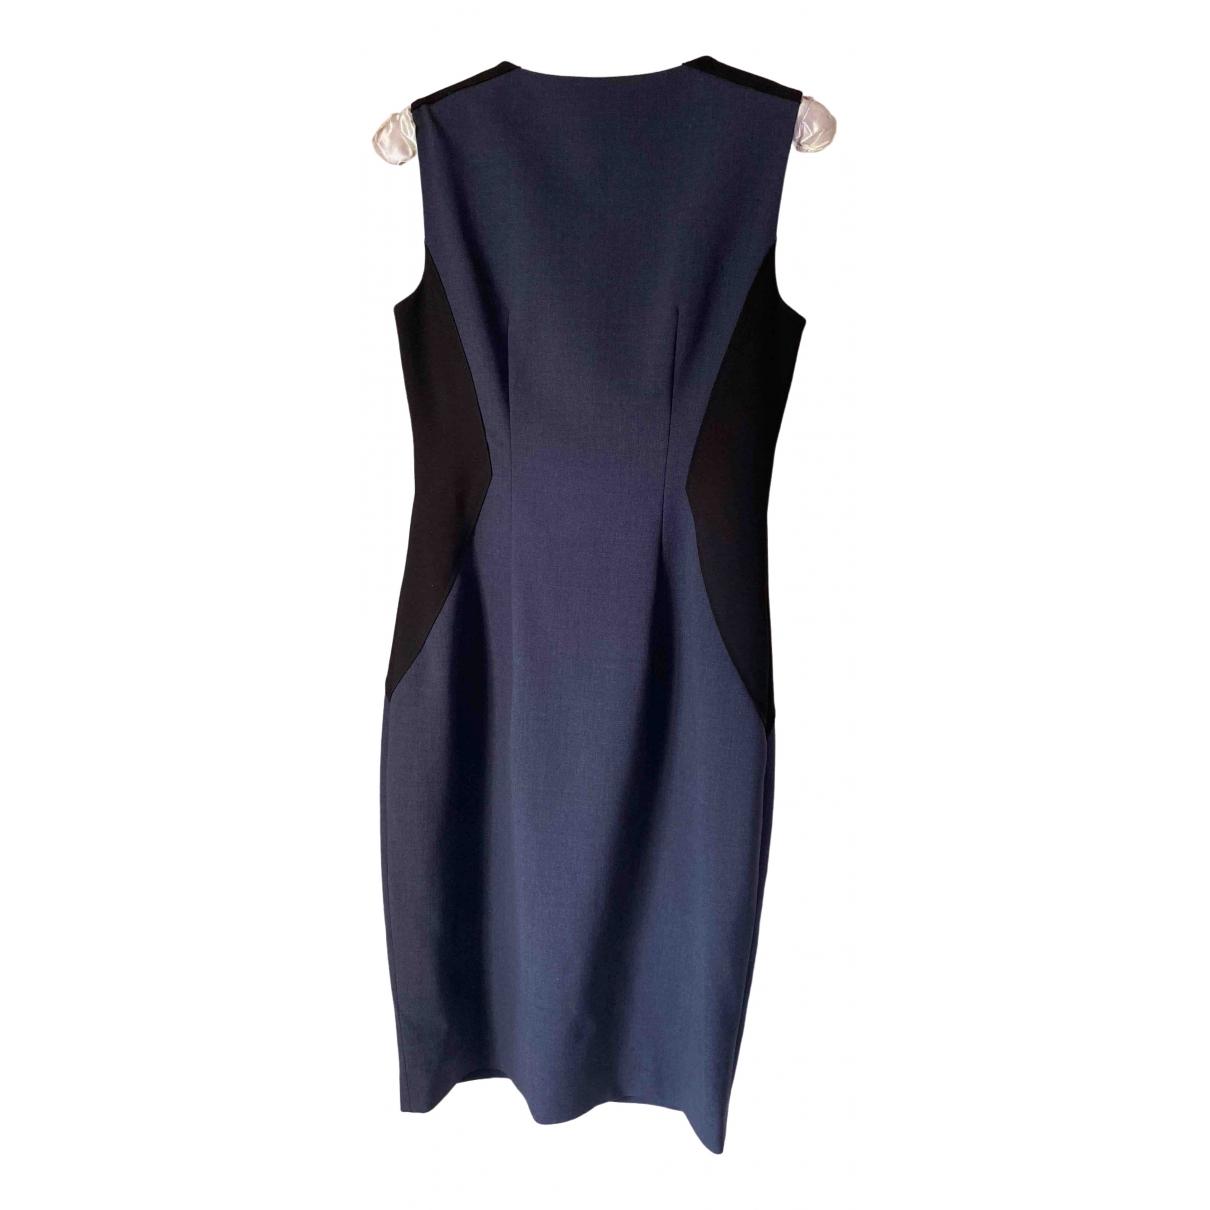 Elie Tahari \N Kleid in  Grau Wolle